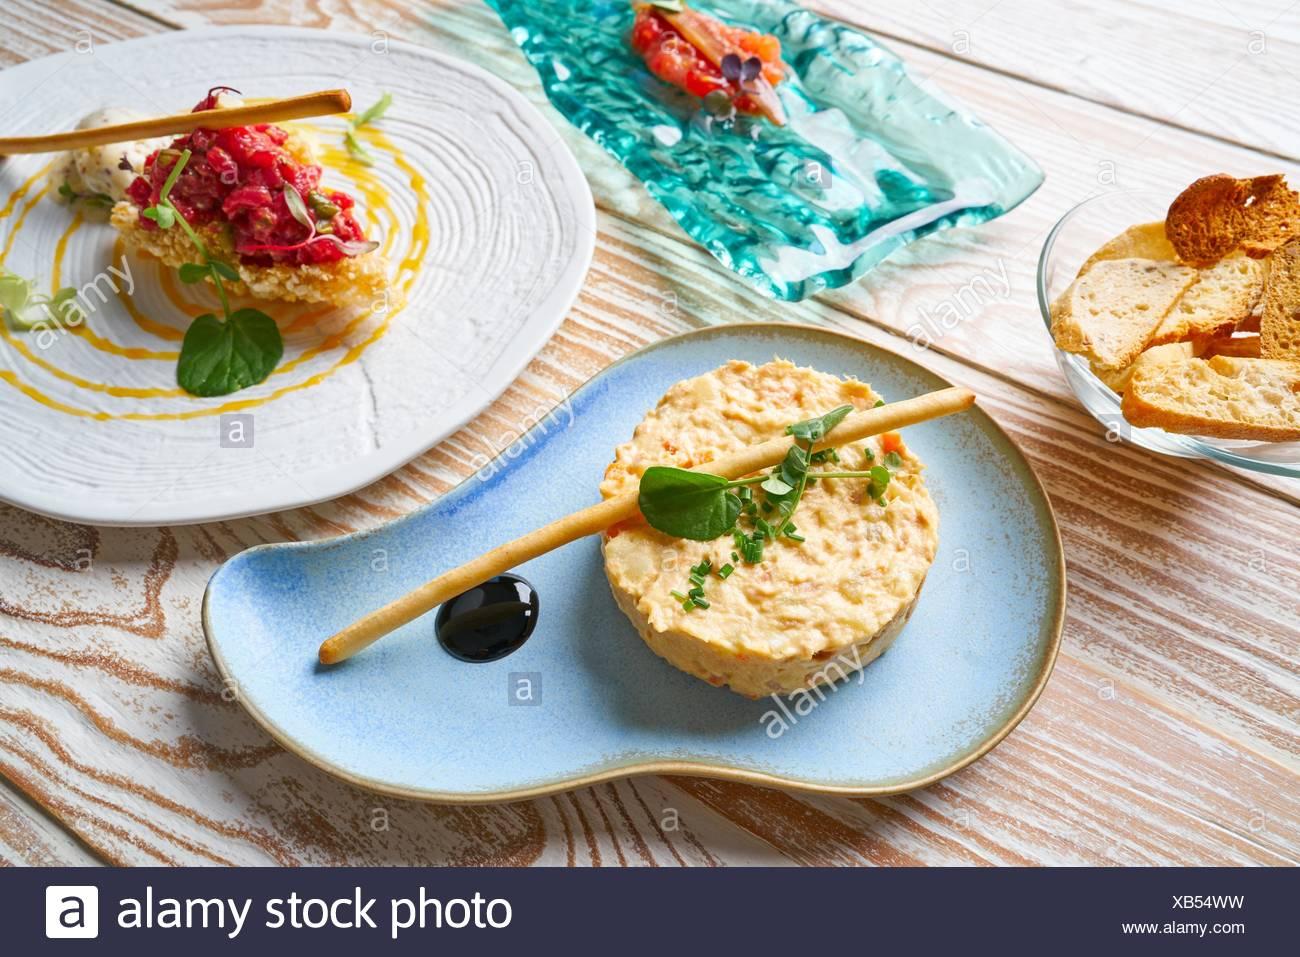 Démarreurs alimentaire salade de pomme de terre tartare de tomate et de l'anchois avec tapas. Photo Stock